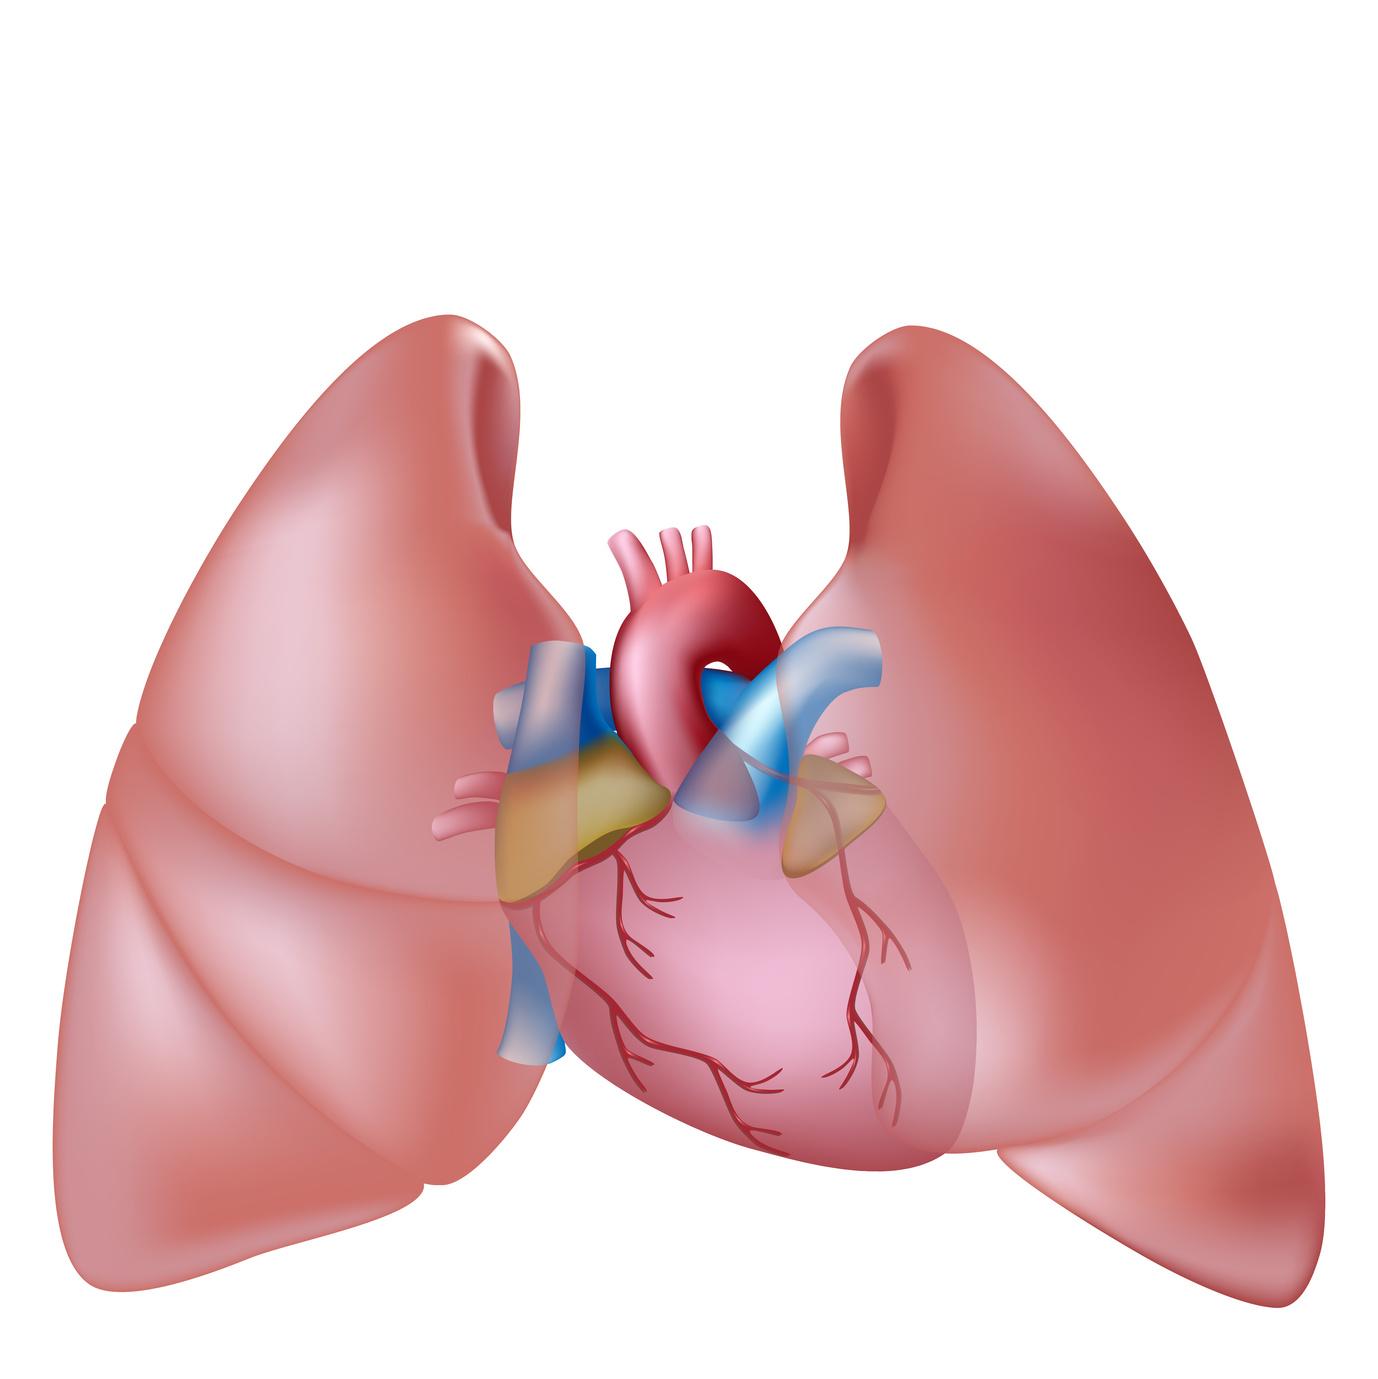 CIA et hypertension artérielle pulmonaire - Cardiologie..